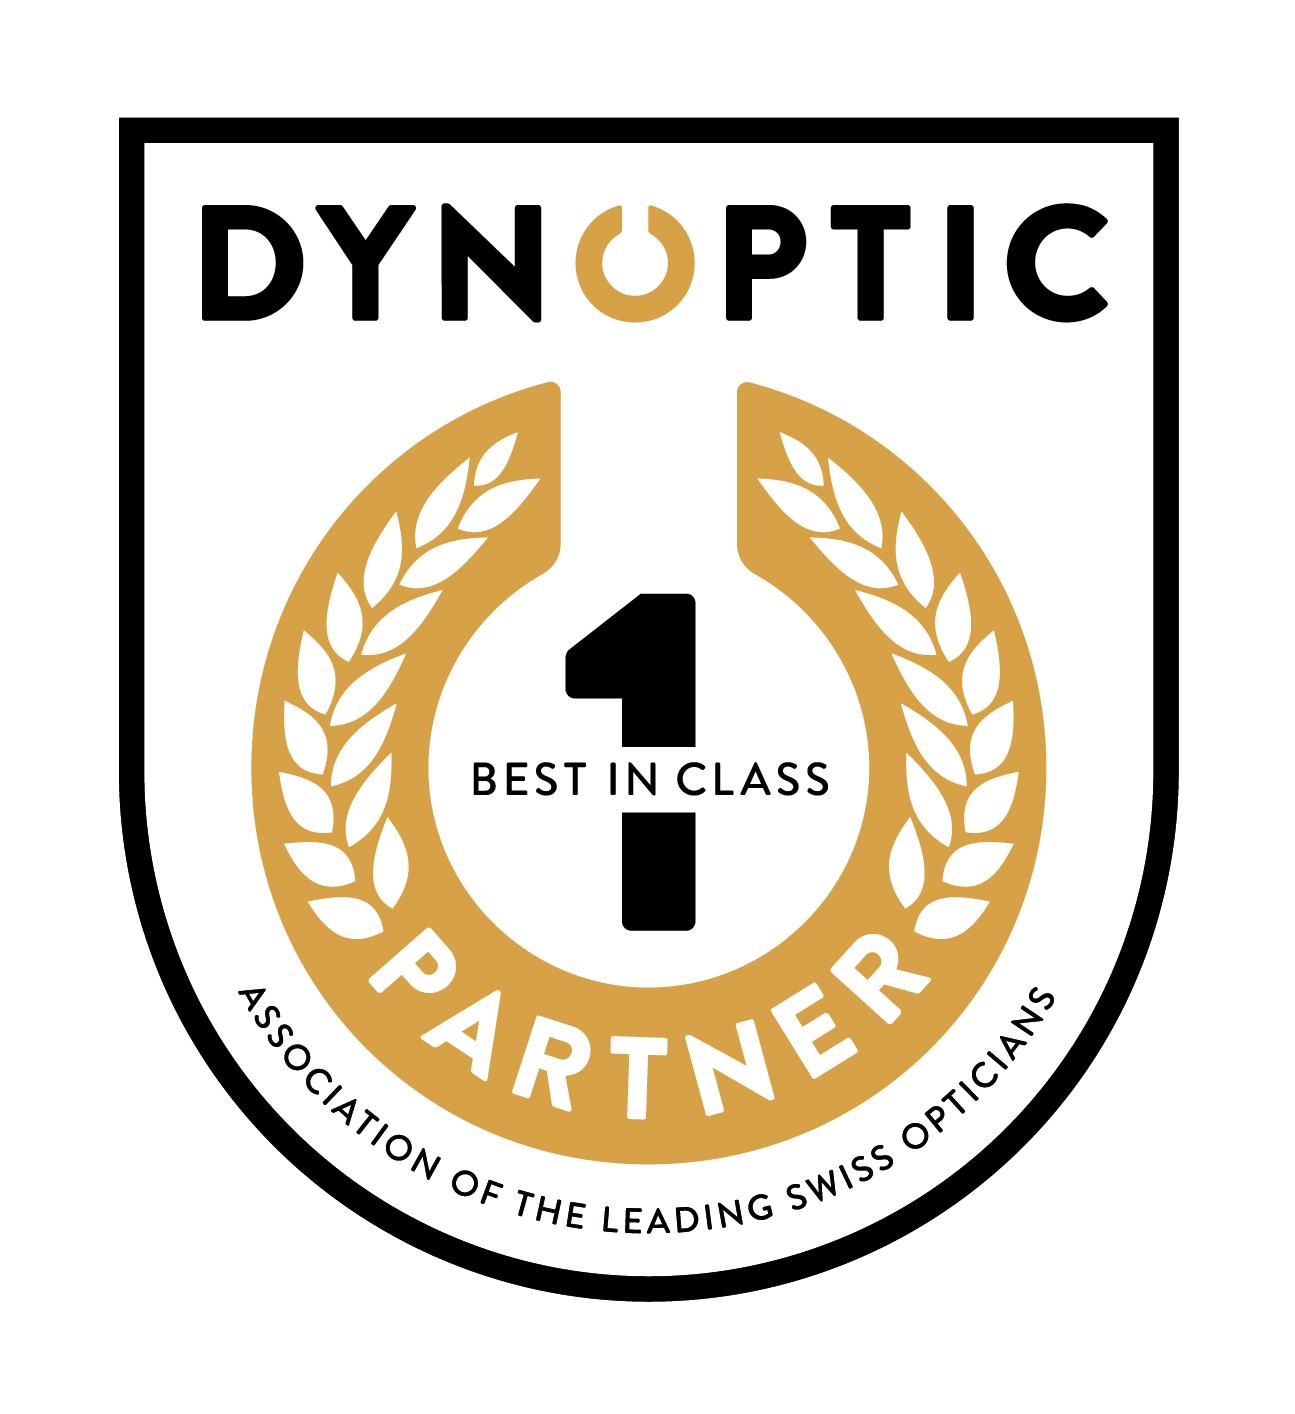 Dynoptic_Label_Partner_positive_RZ_vektorisiert_CMYK_Partnerjpg